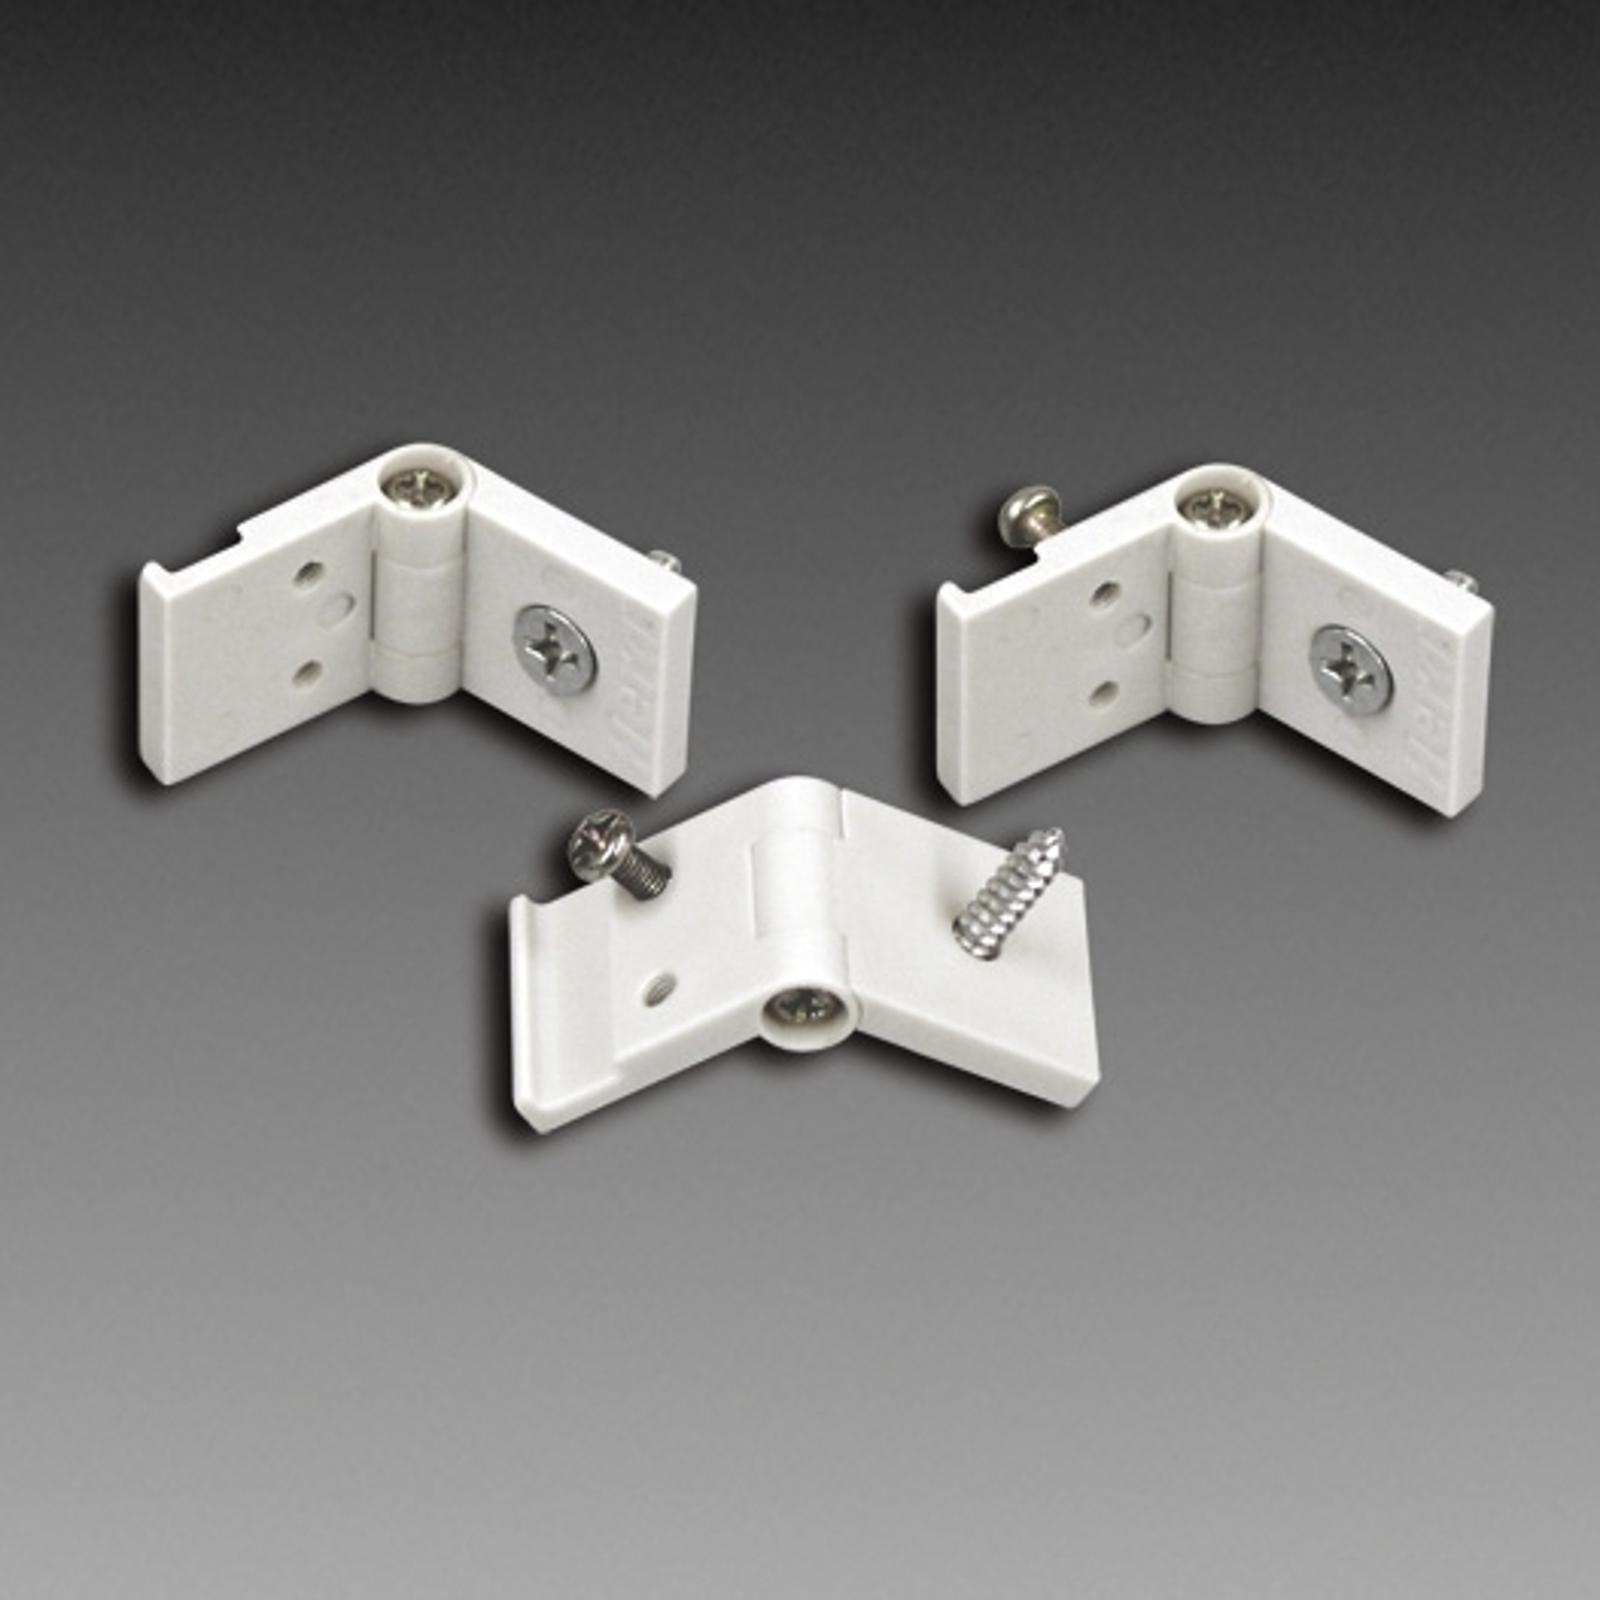 Charnière de fixation pour LED FLAT STICK